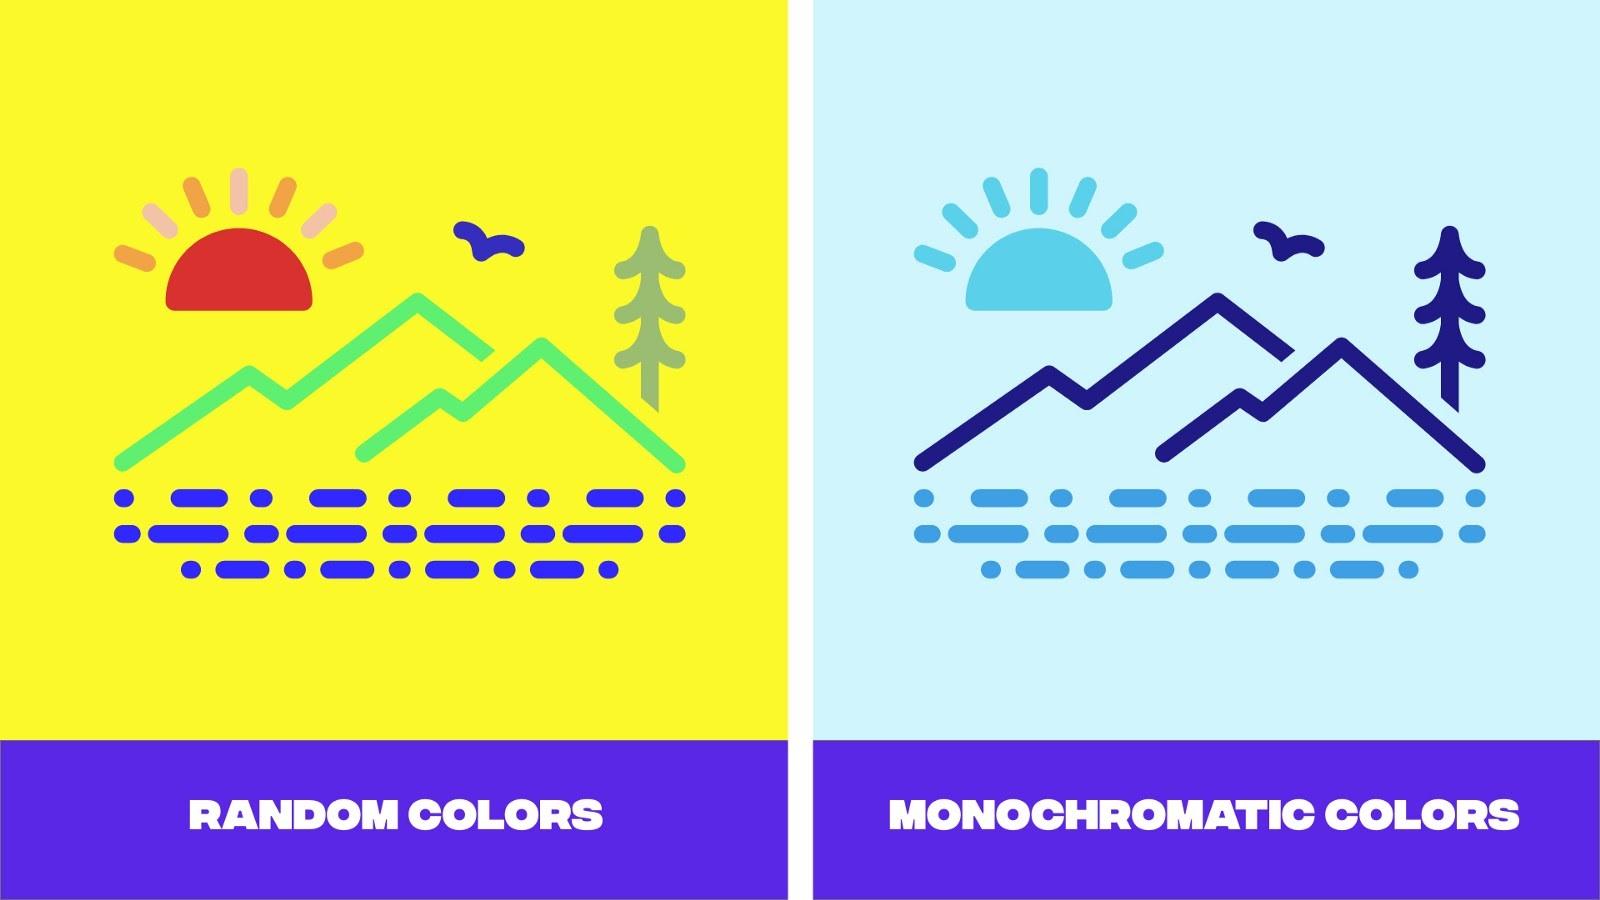 Random color palette vs a monochromatic color palette